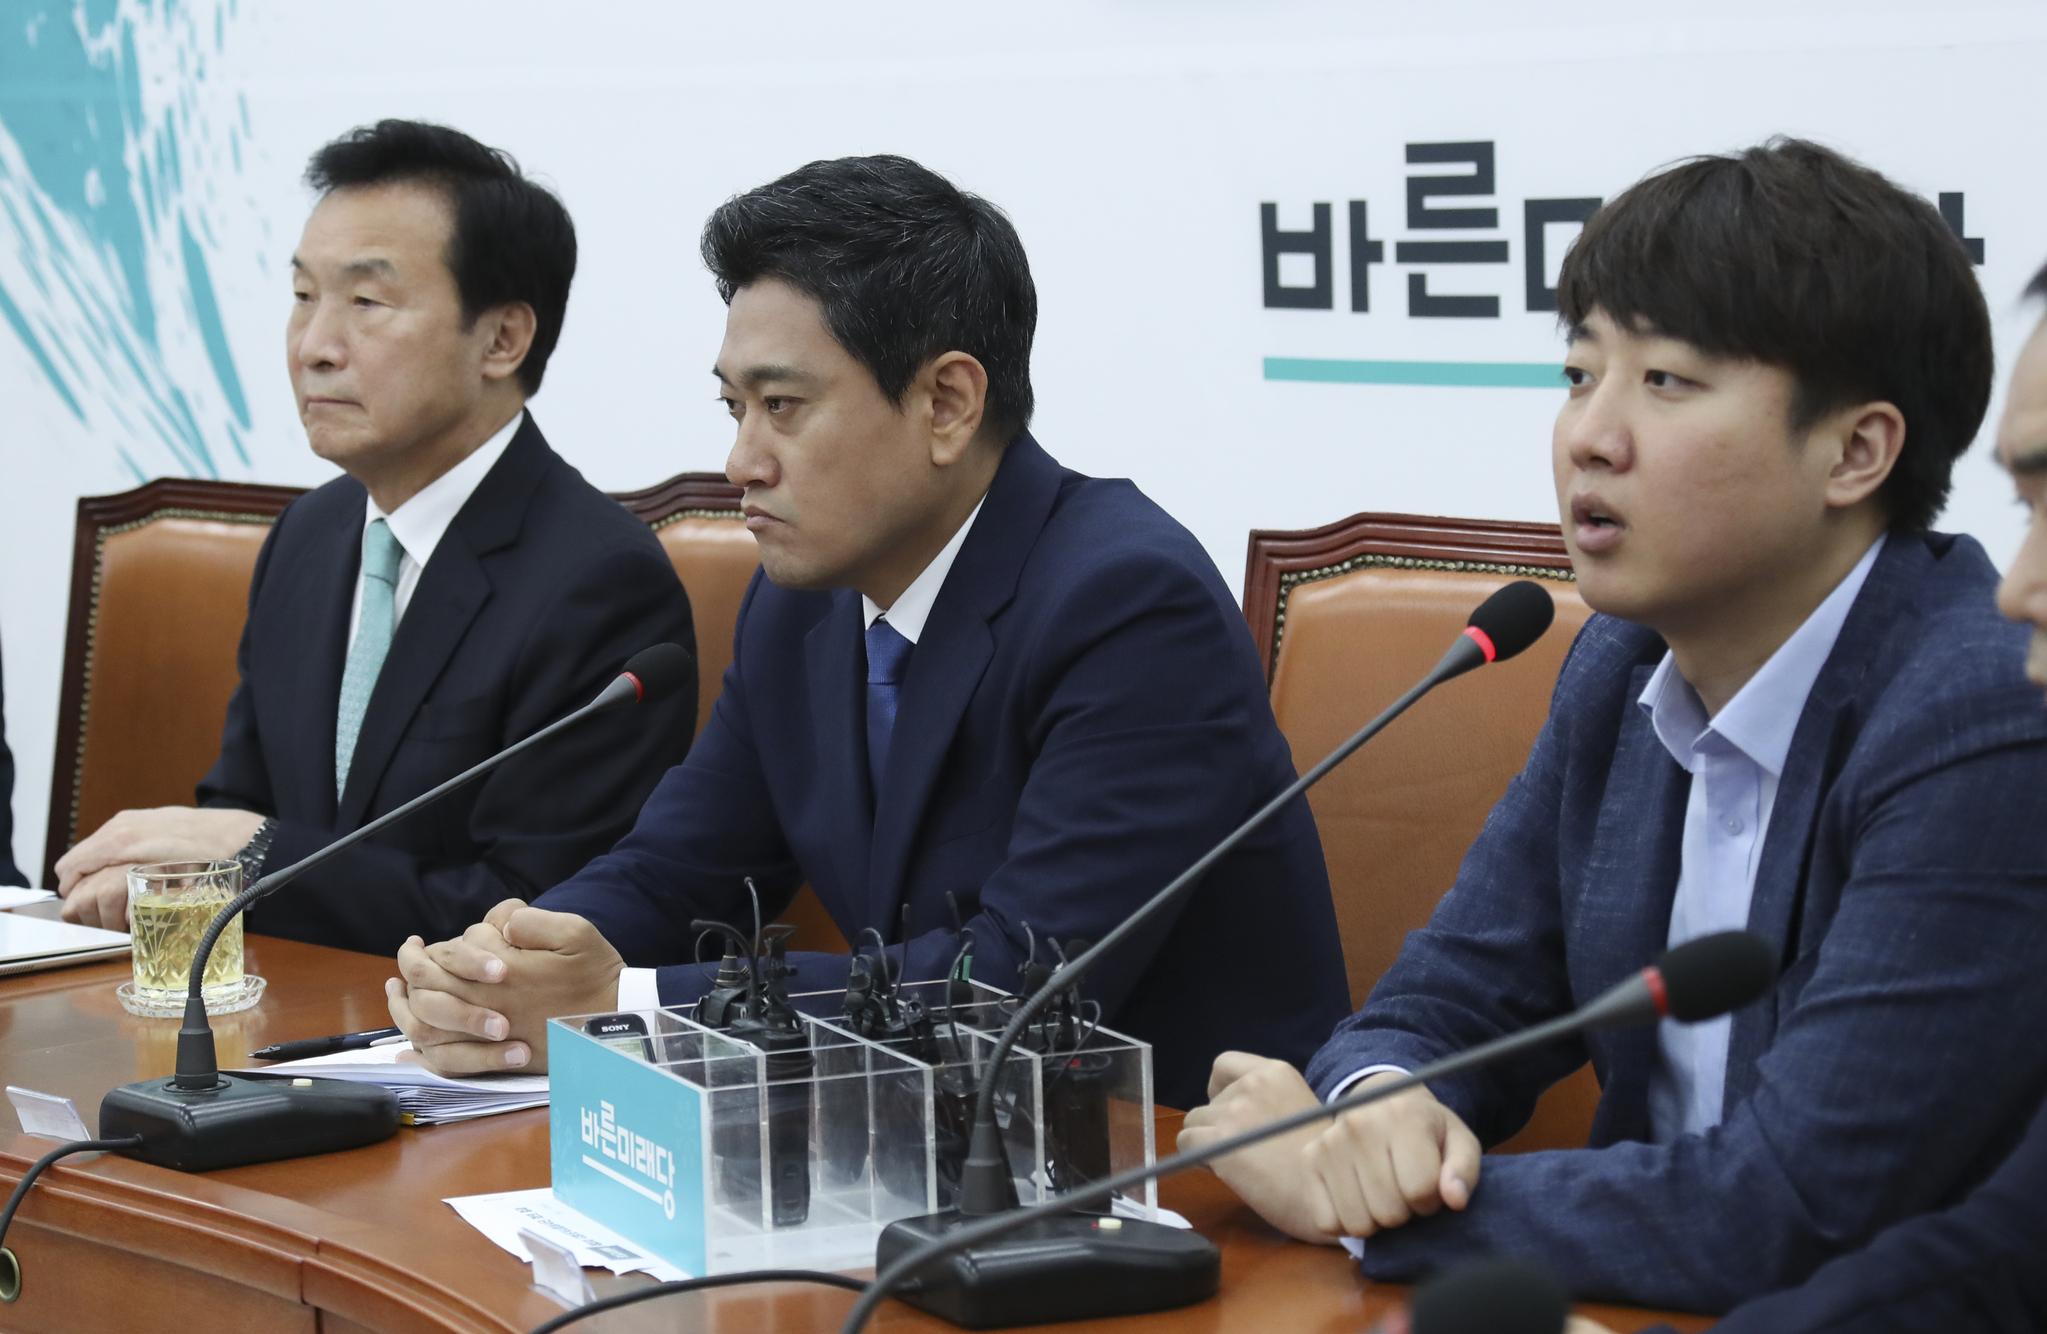 이준석 바른미래당 최고위원(오른쪽)이 국회에서 열린 최고위원회의에서 발언하고 있다. 임현동 기자